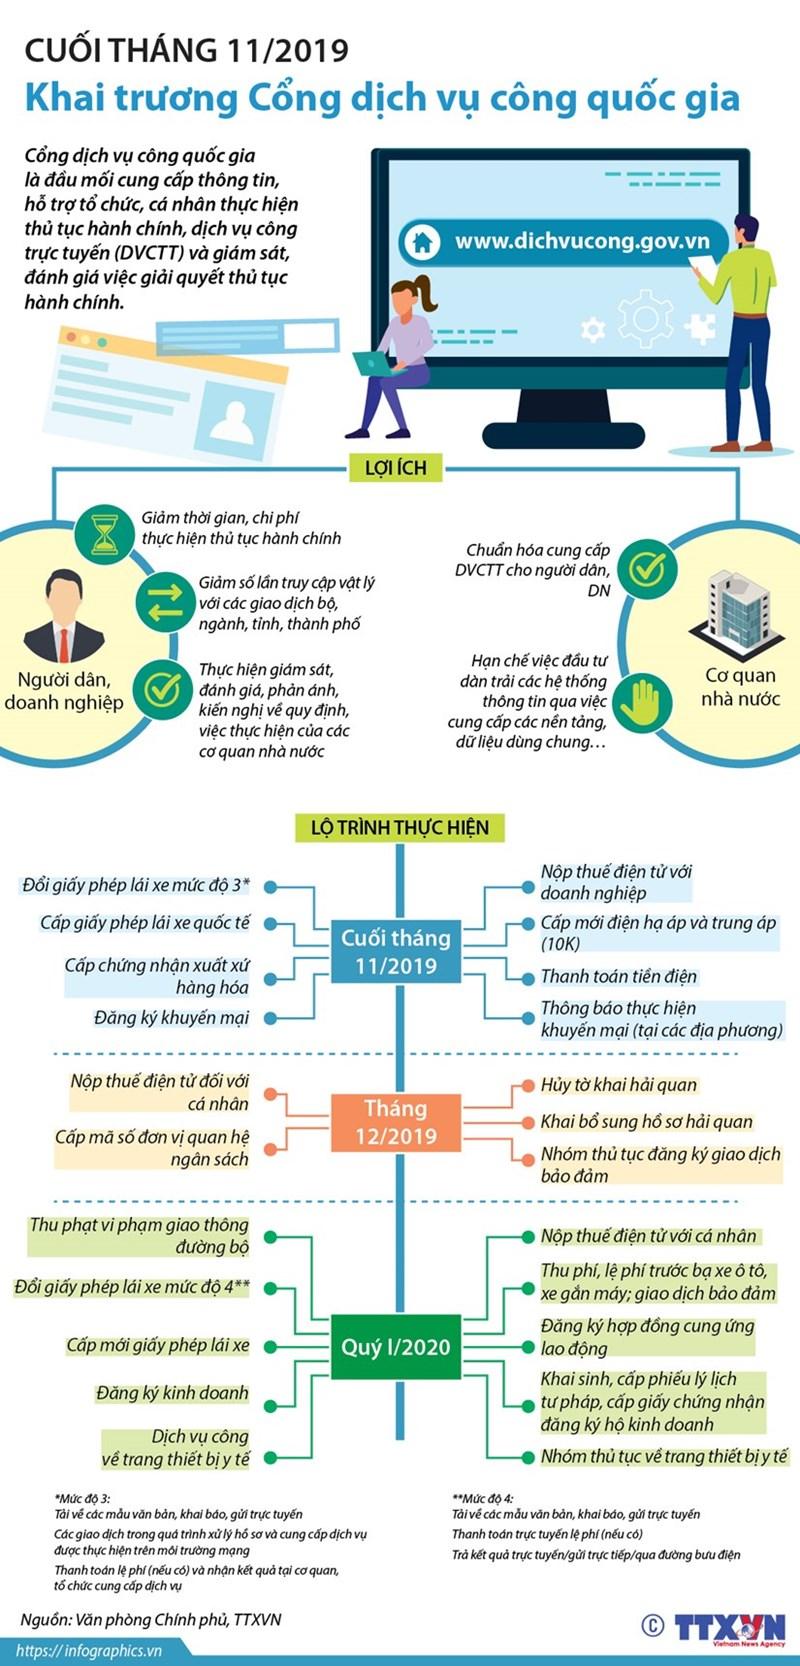 [Infographics] Cuối tháng 11 khai trương Cổng dịch vụ công quốc gia - Ảnh 1